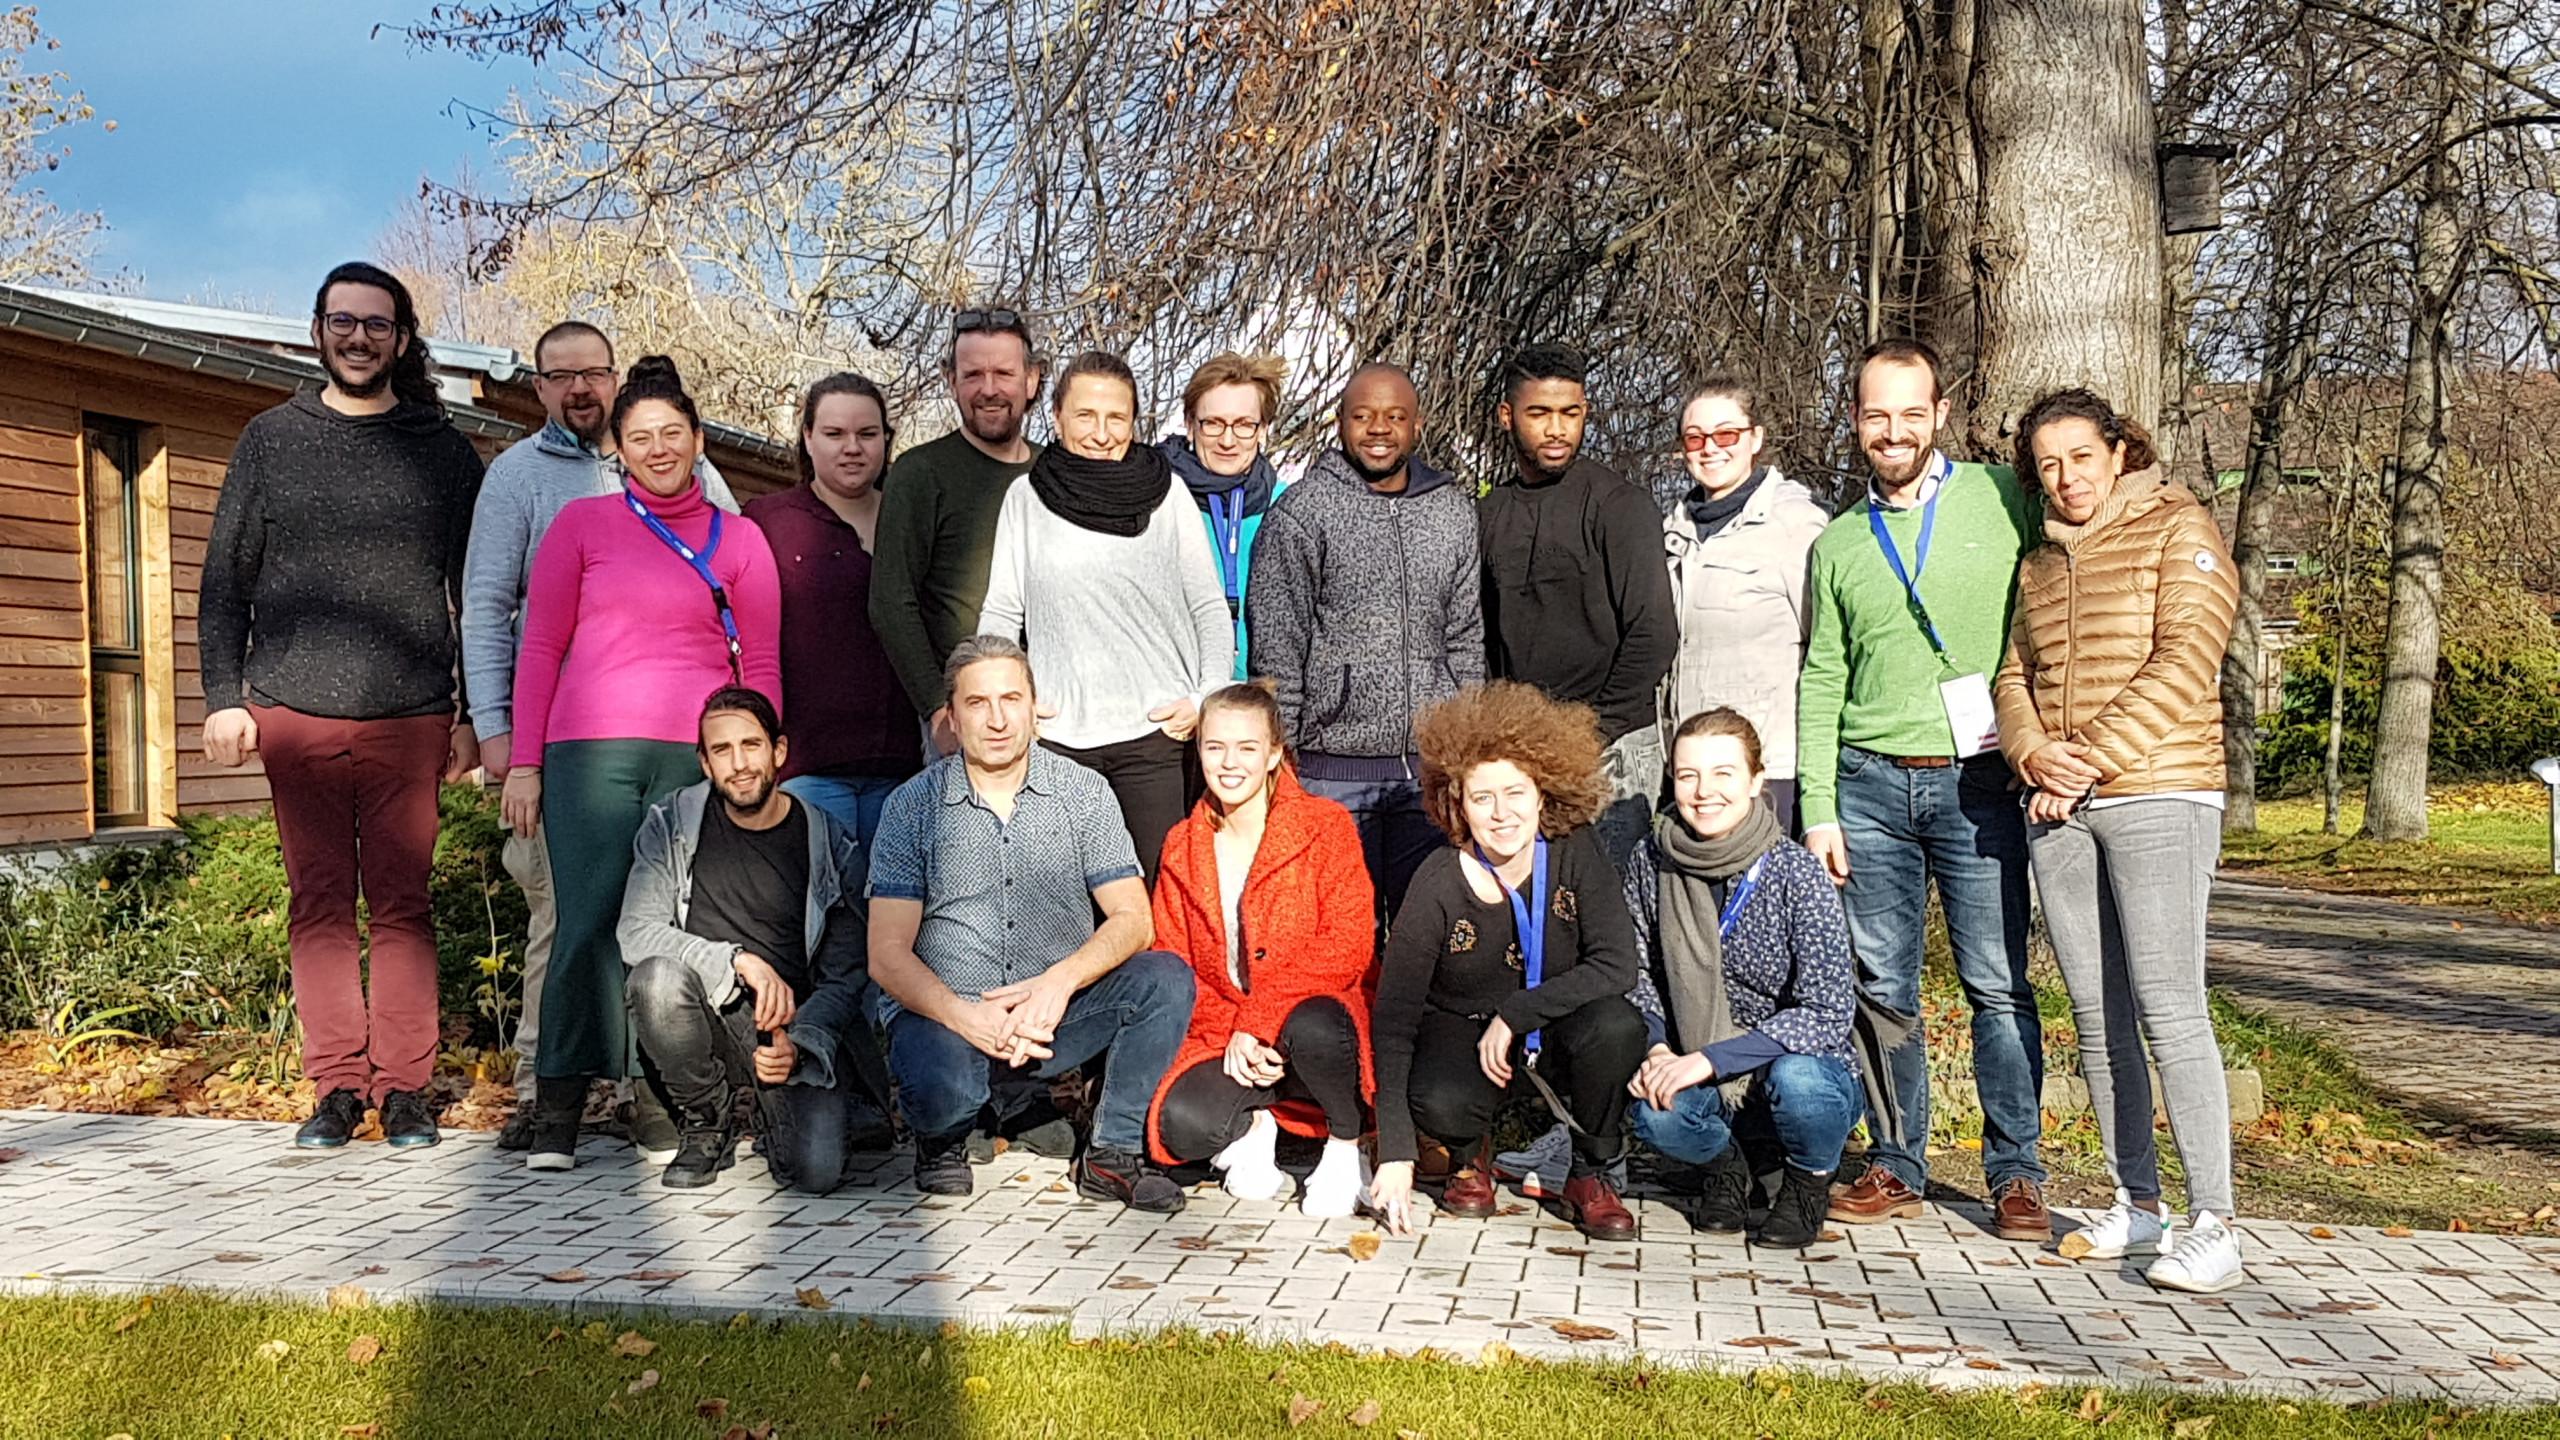 Kickoff meeting in Germany. Photo: Stiftung Evangelische Jugendhilfe St. Johannis Bernburg.